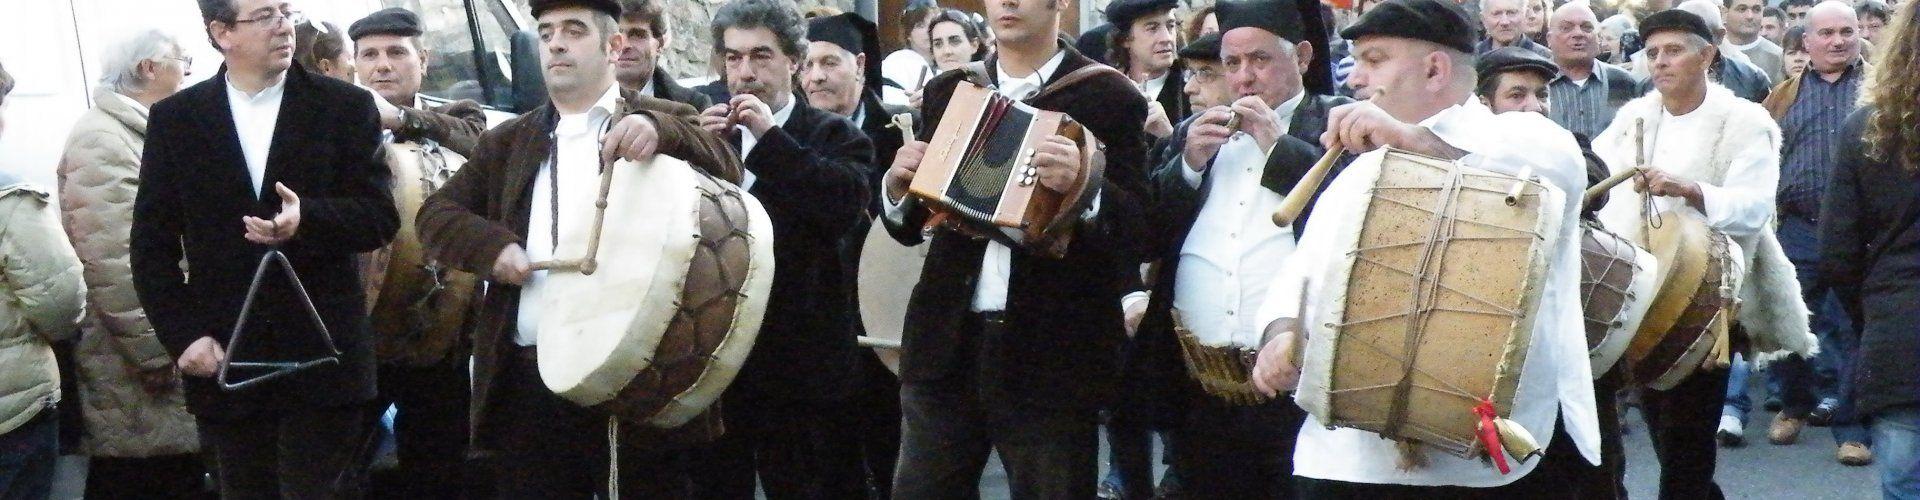 Männer in dunklen Samtanzügen, weißen Hemden und mit sardischen Berittas spielen traditionelle Instrumente beim Orangenfest in Muravera